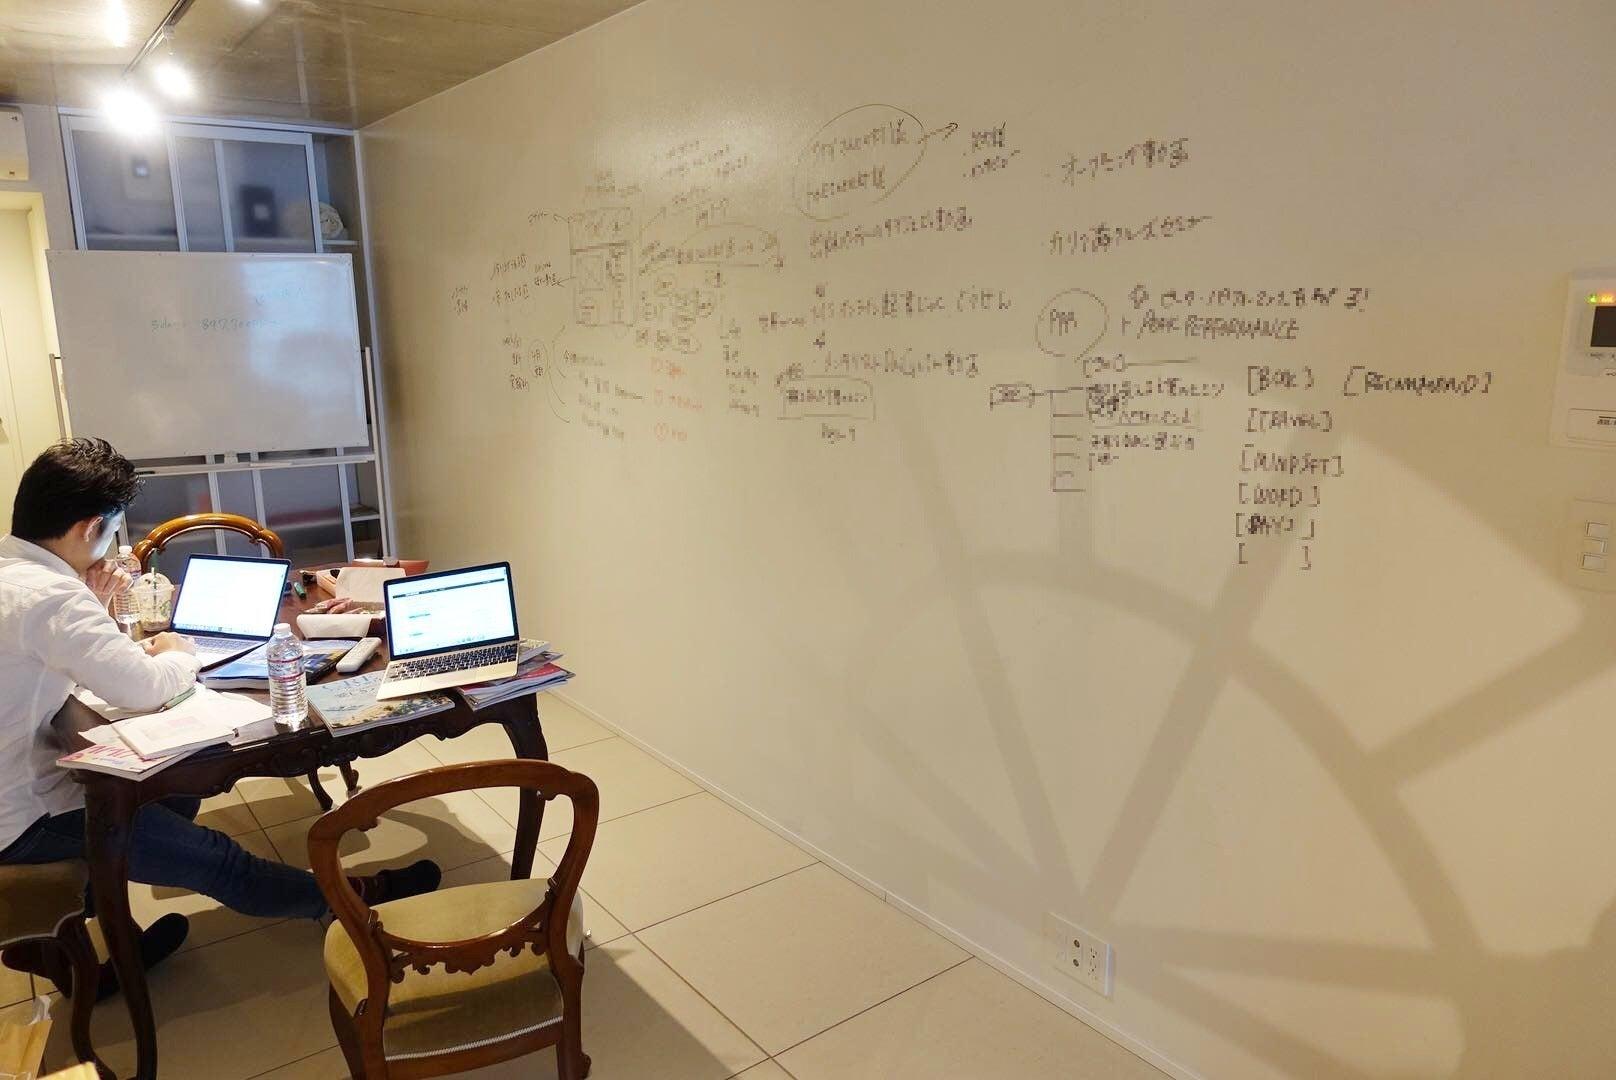 壁一面ホワイトボード施工をしておりますので、ブレインダンプや会議にピッタリです。